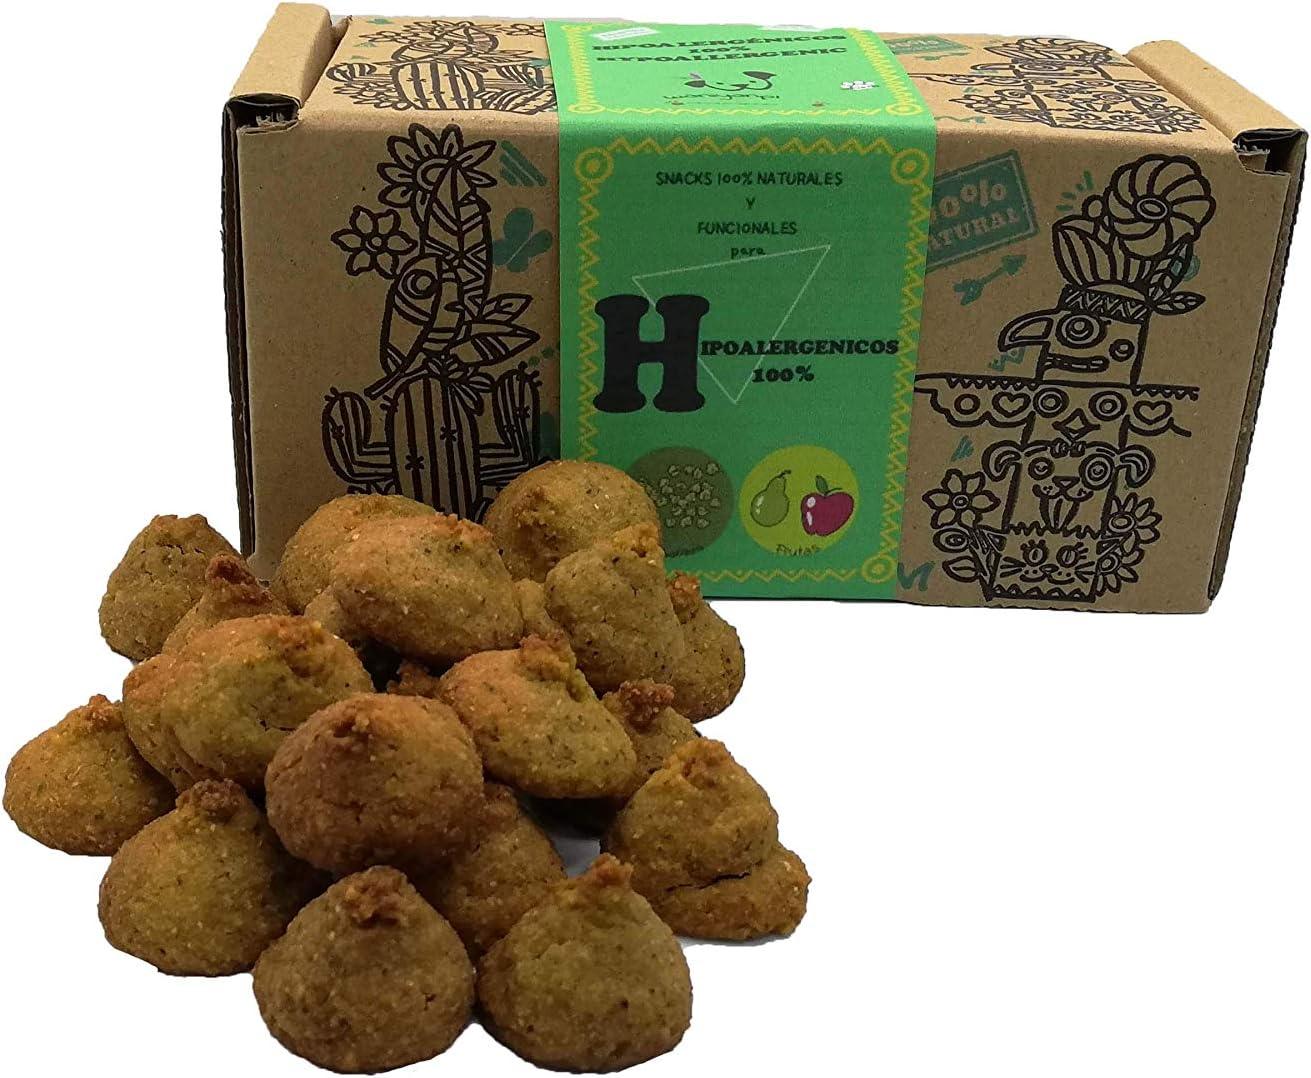 Waniyanpi Snacks 100% Hipoalergénicos para Perros con alergias alimentarias. Elaborados con Fruta y Zanahoria- 200g: Amazon.es: Productos para mascotas